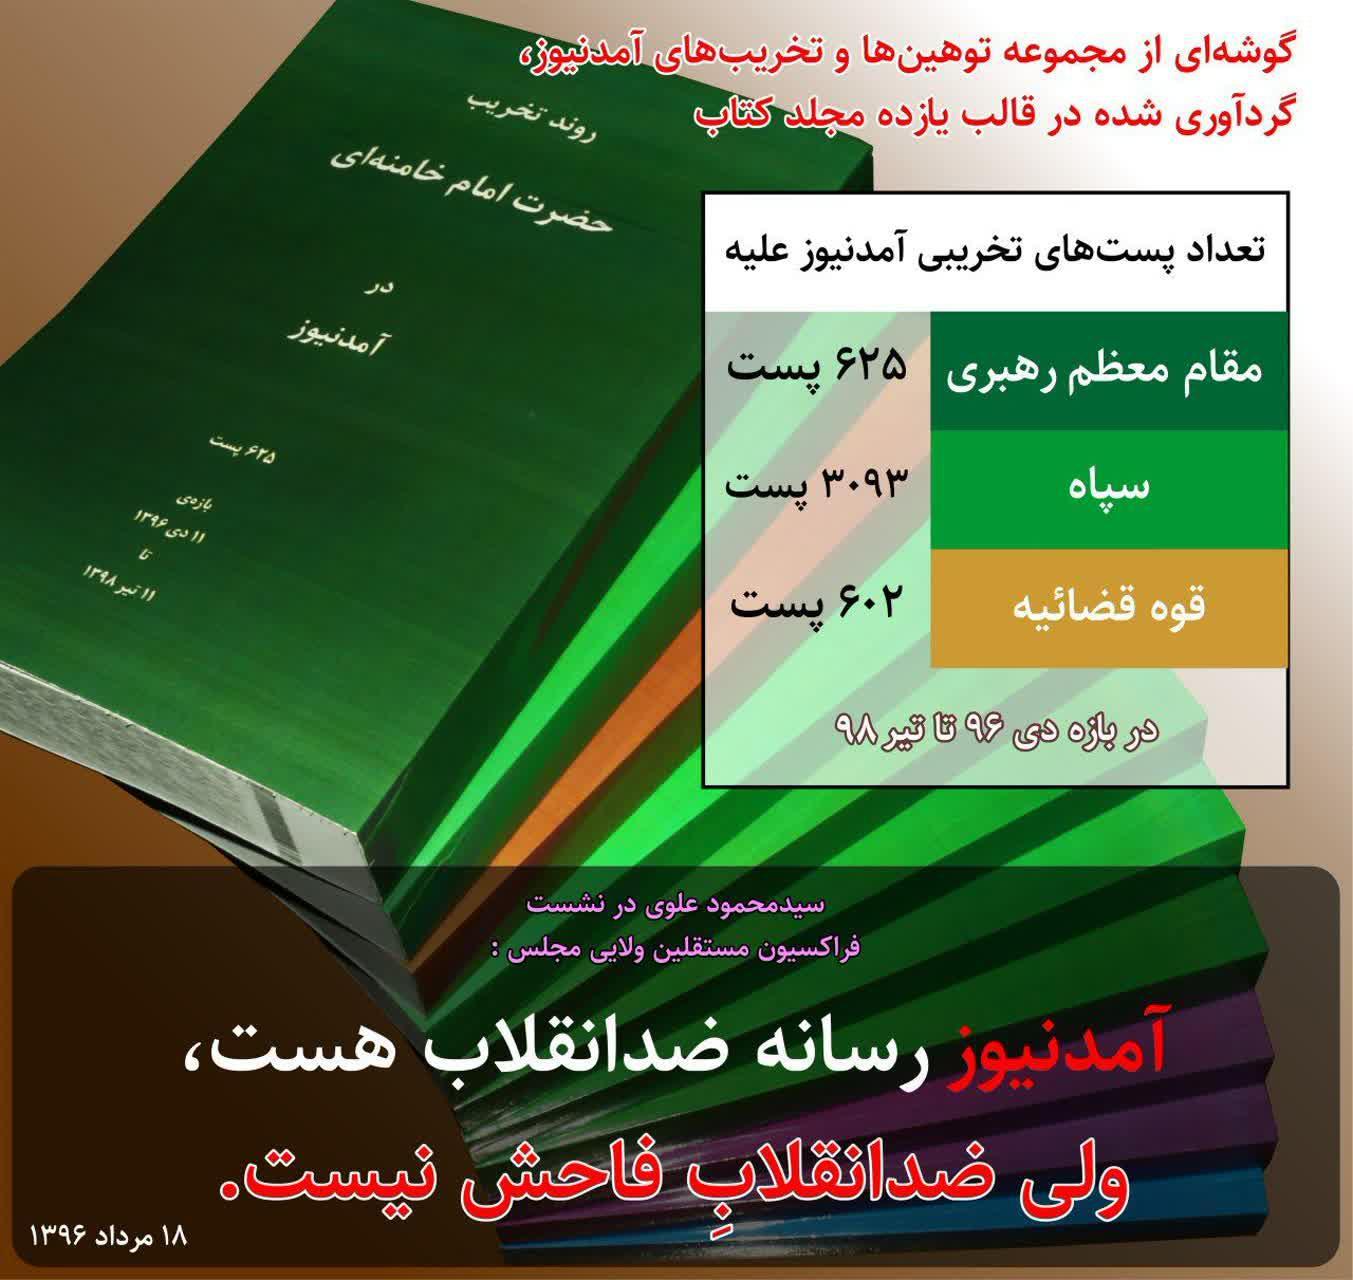 amadnews%20%286%29 شکایت وزیر اطلاعات از حسن عباسی به بهانه بیان ارتباط و رابطه آمدنیوز و همچنين وزیر اطلاعات + اسناد